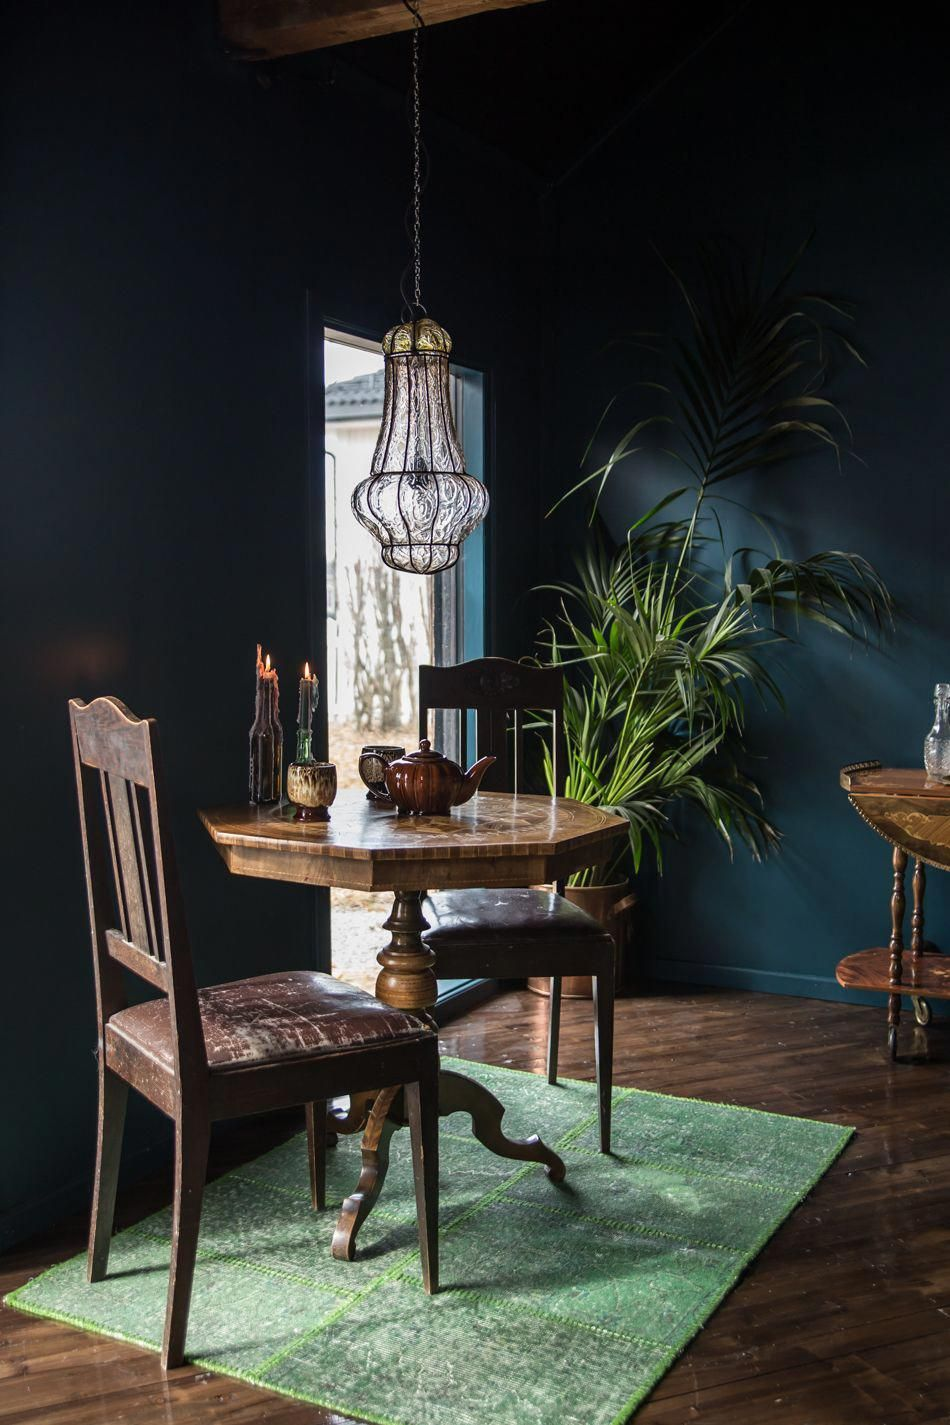 home interior design cambridge uk Homeinteriordesign